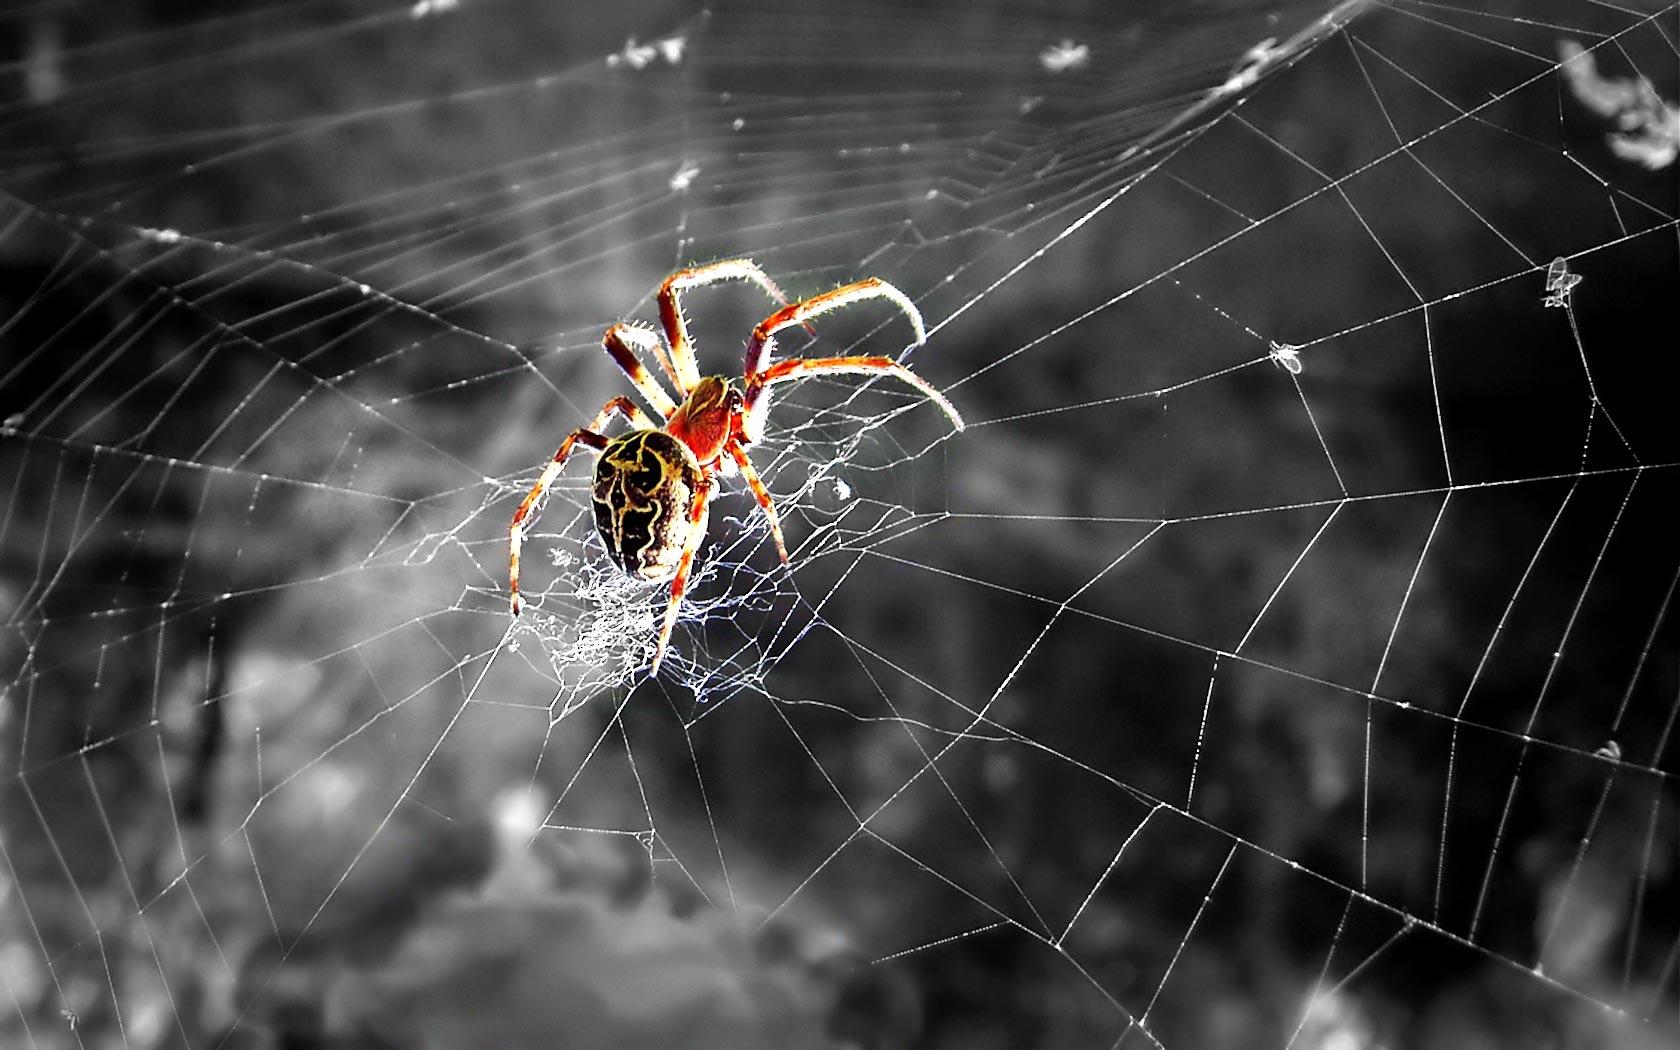 HD Wallpaper Animals Striped Lynx Spider widescreen wallpaper 1680x1050